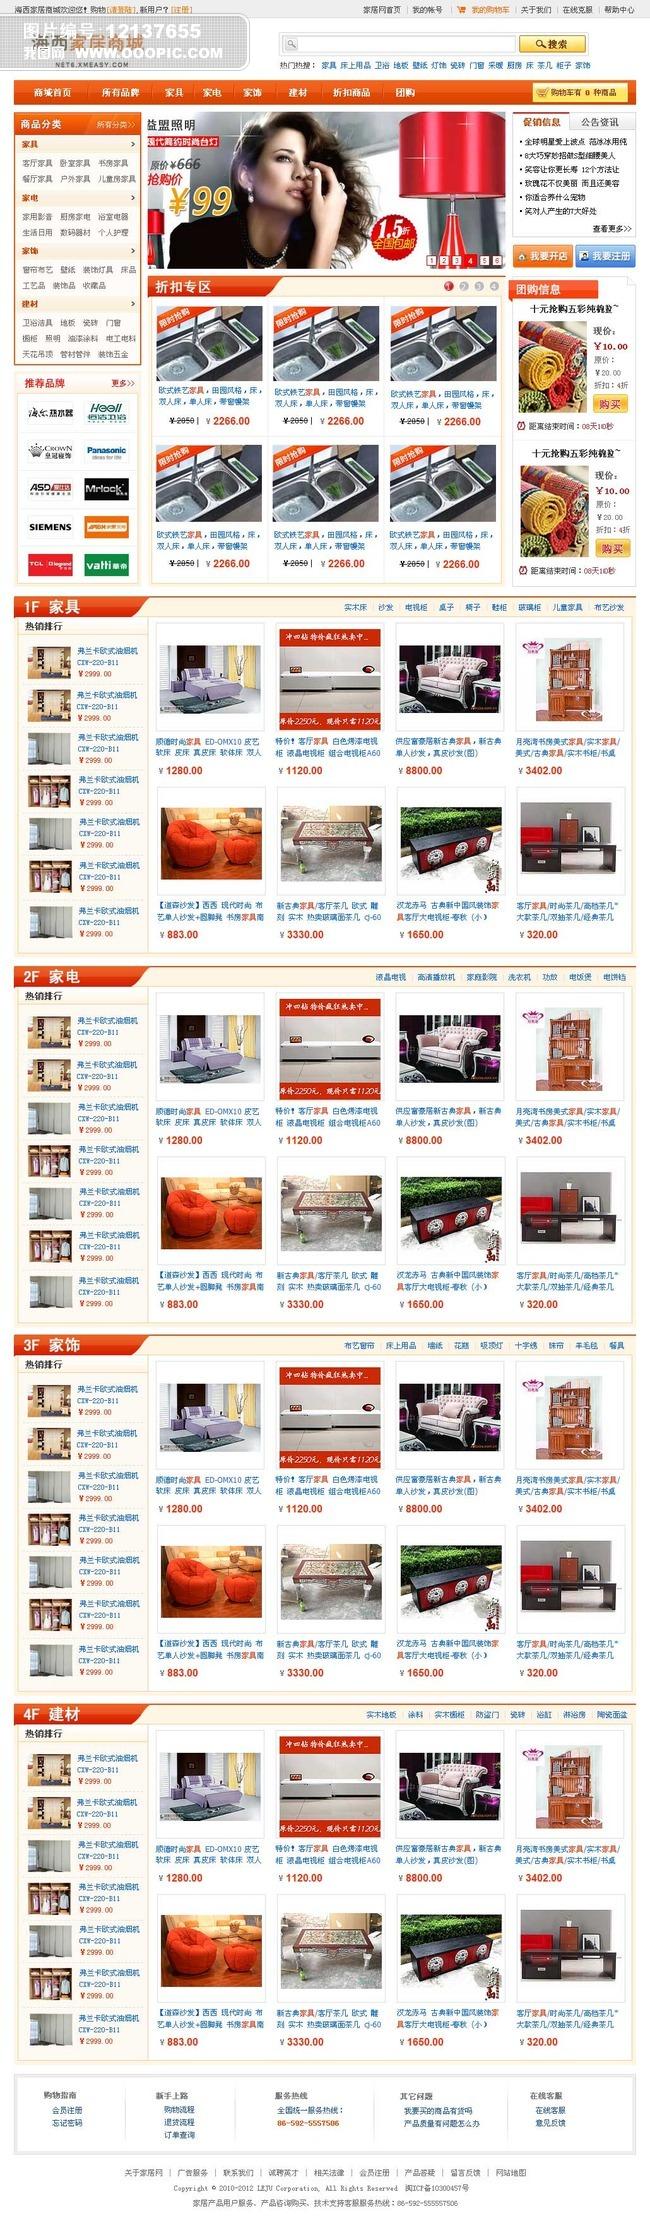 电子商务商城网站模版设计模板下载 电子商务商城网站模版设计图片